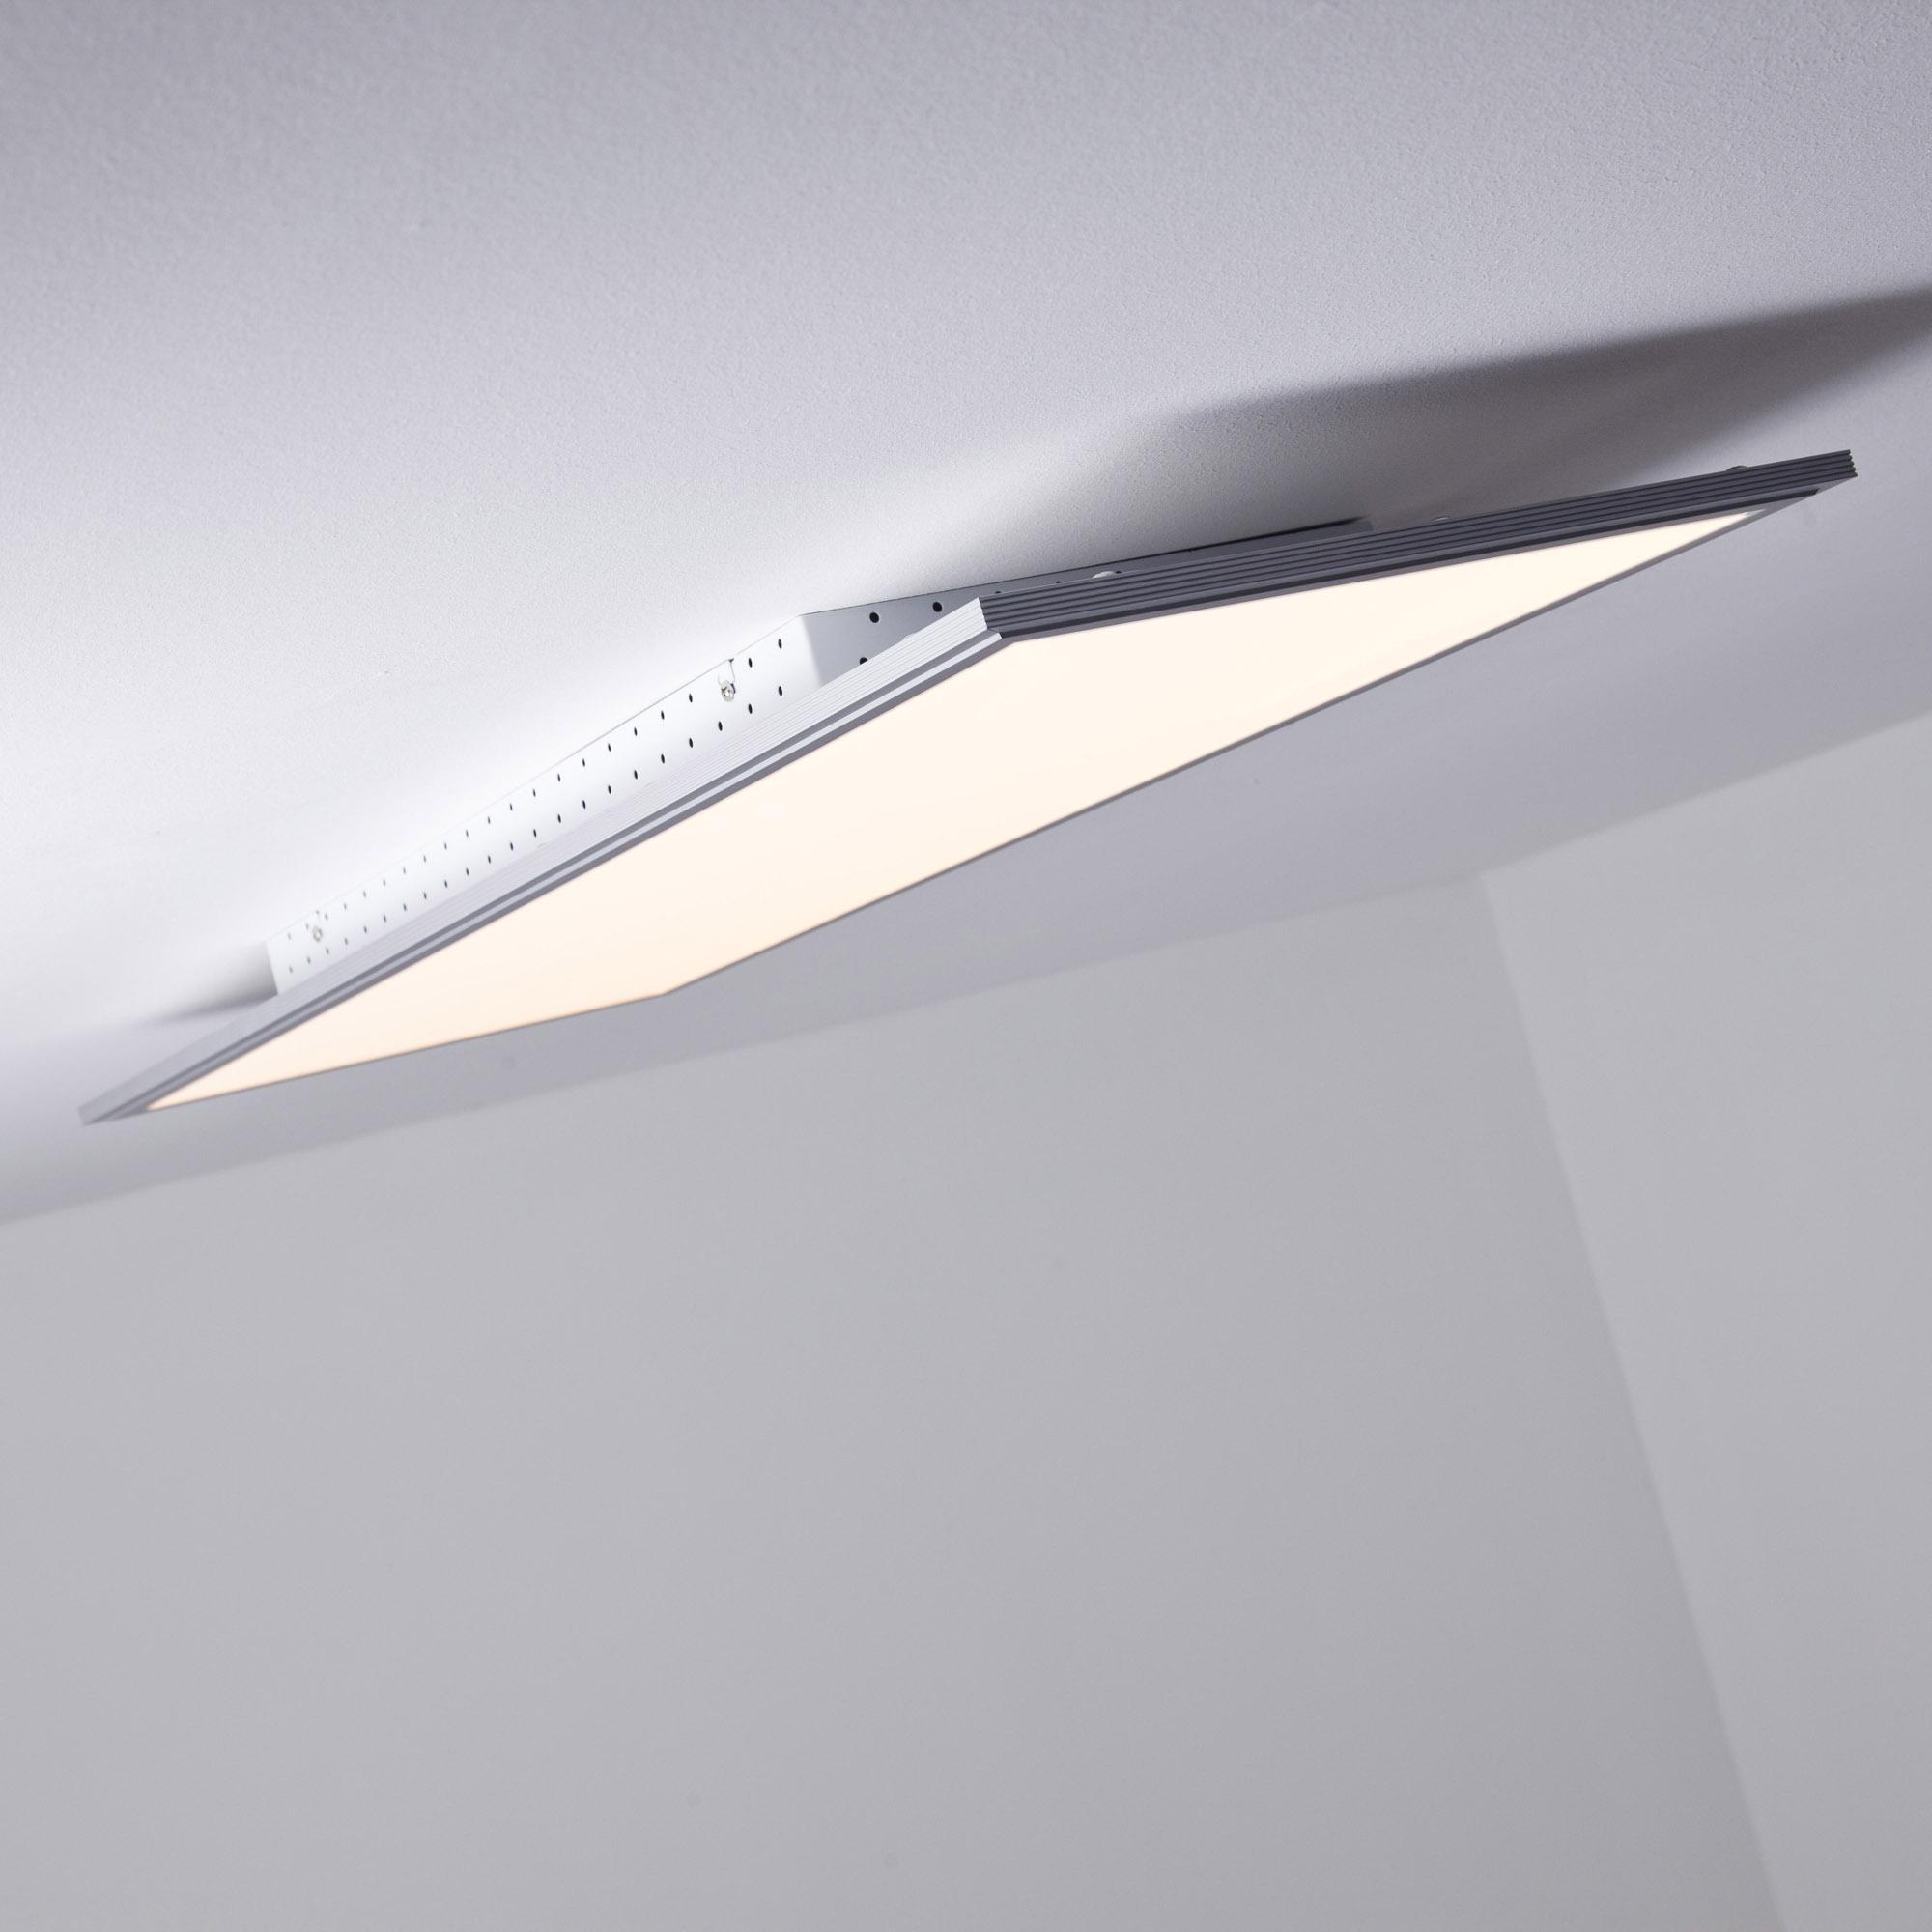 Tageslichtlampe Bad tageslichtlampe bad   mietfächer zu bestücken luya arts and cards